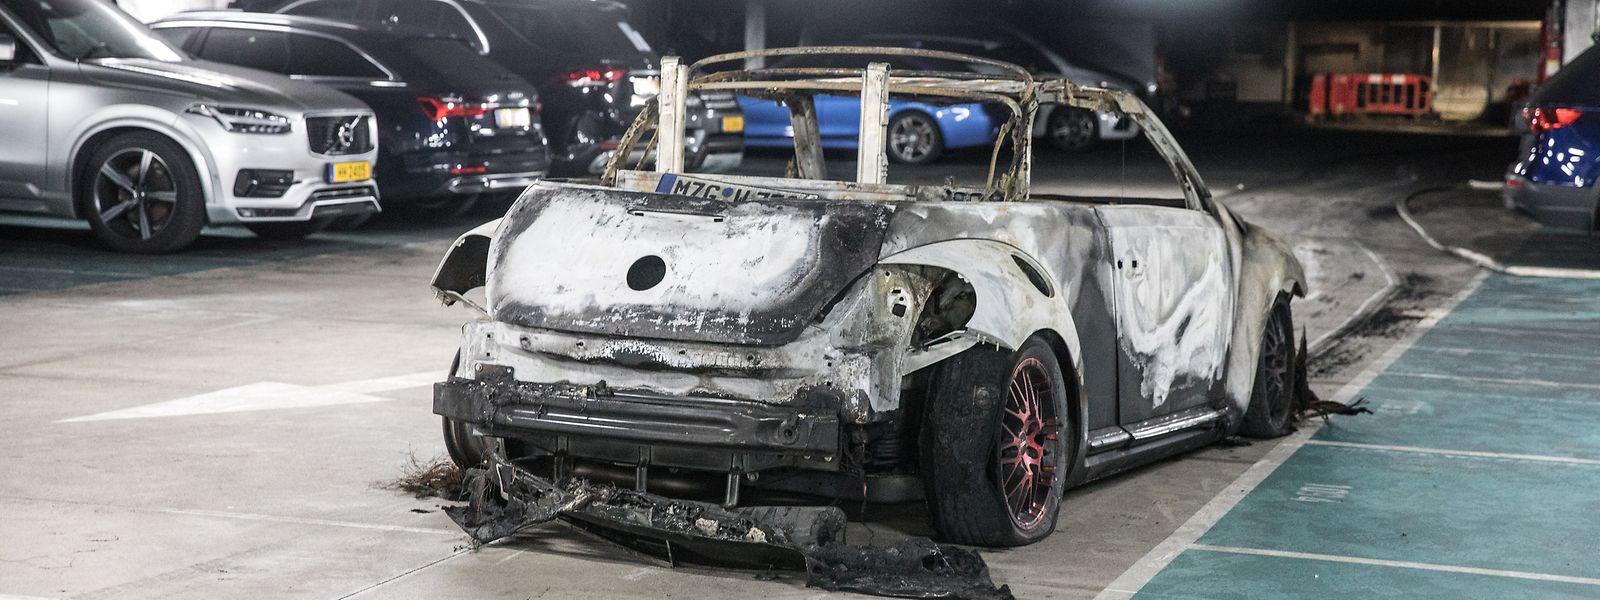 Eines der fünf Fahrzeuge, die bei dem Brand am 9. September völlig zerstört wurden.